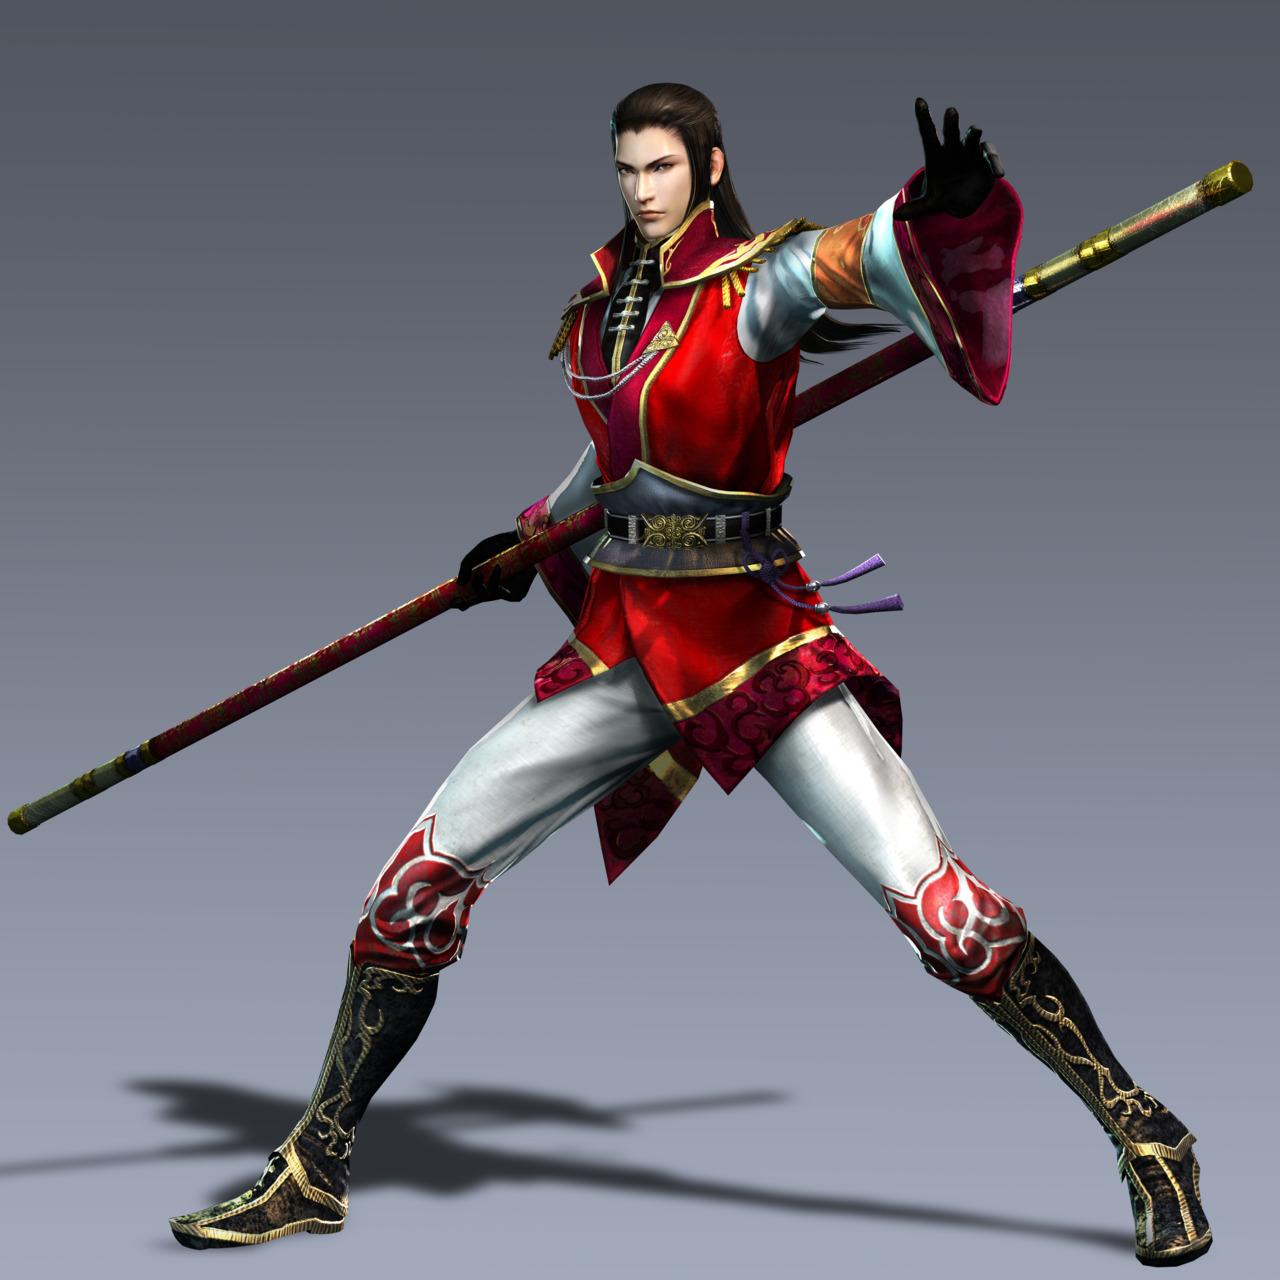 Full resolution   Zhou Yu Dynasty Warriors 8